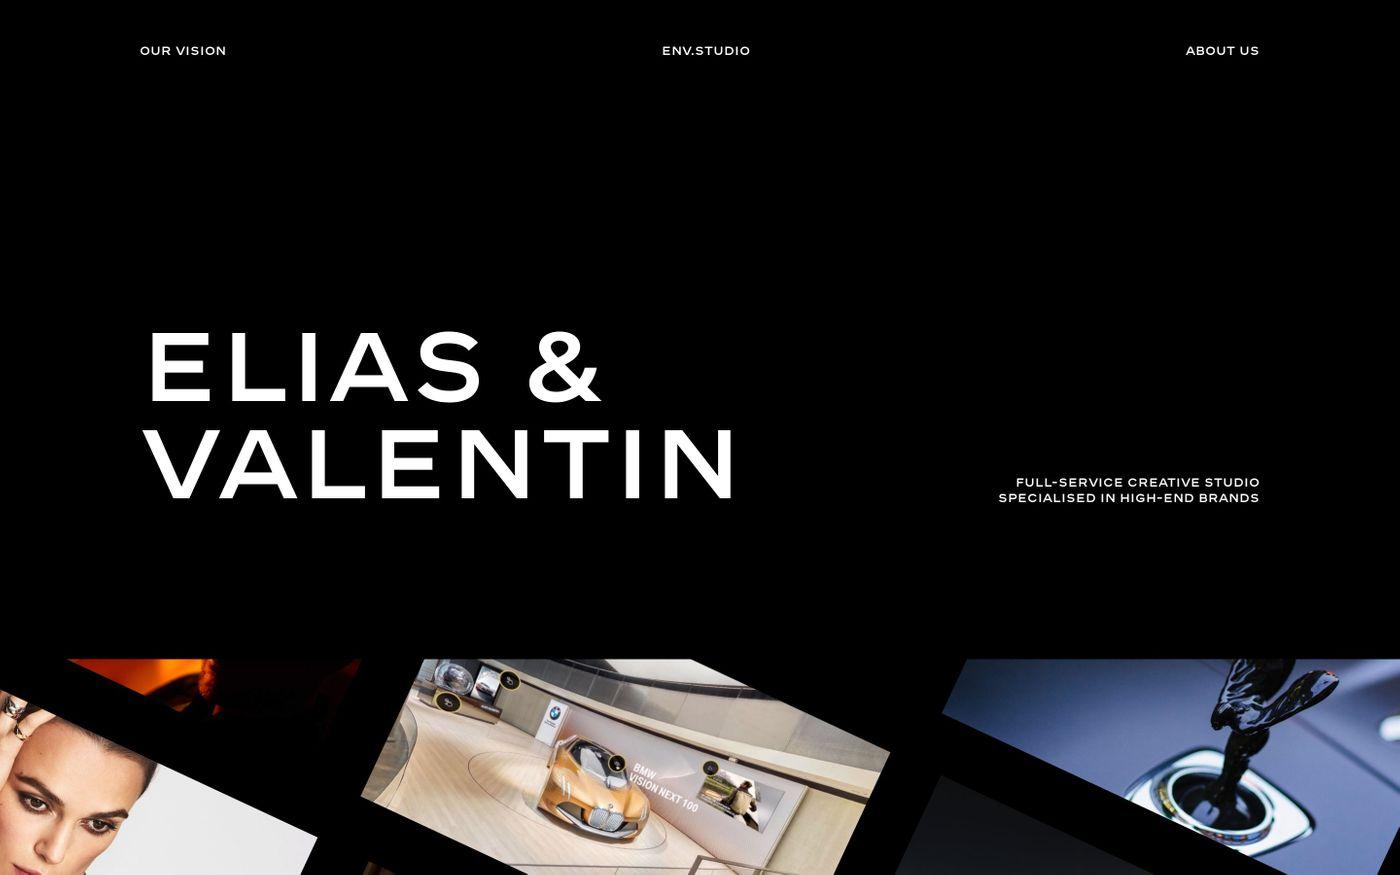 Screenshot of Env studio website